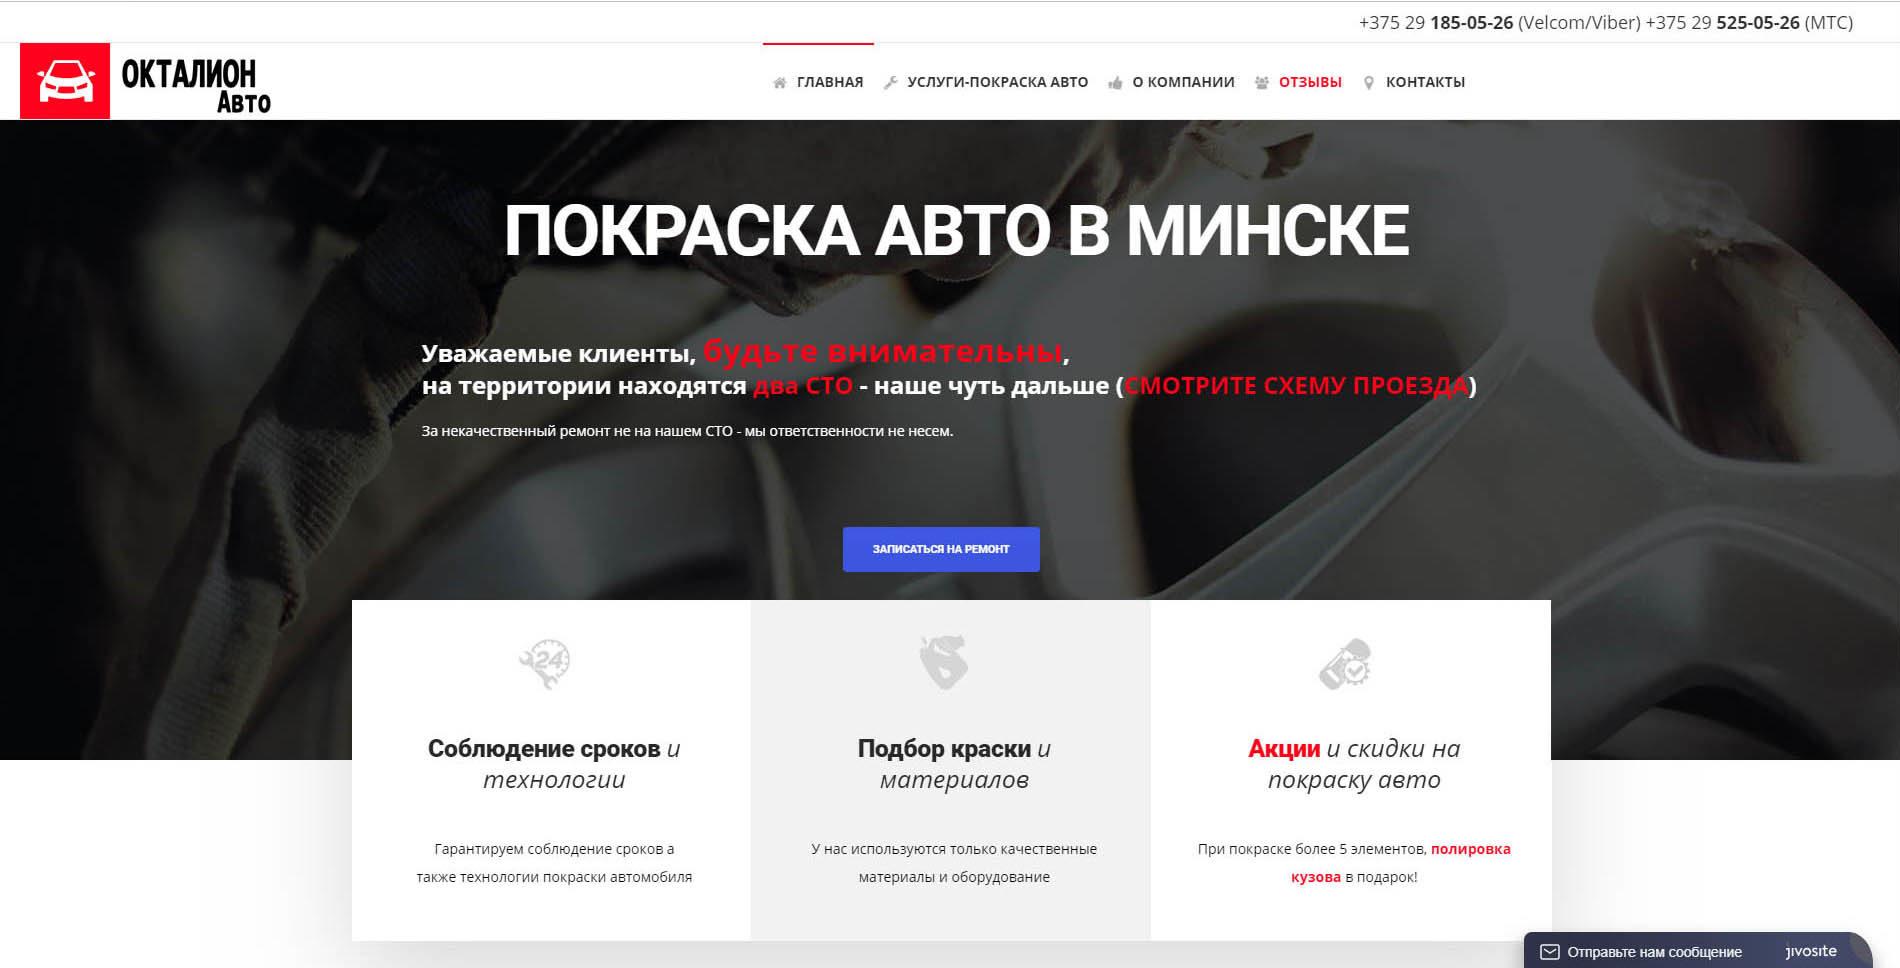 http://razrabotka-sajtov.by/wp-content/uploads/2020/05/oktalion-avto-1900x968.jpg